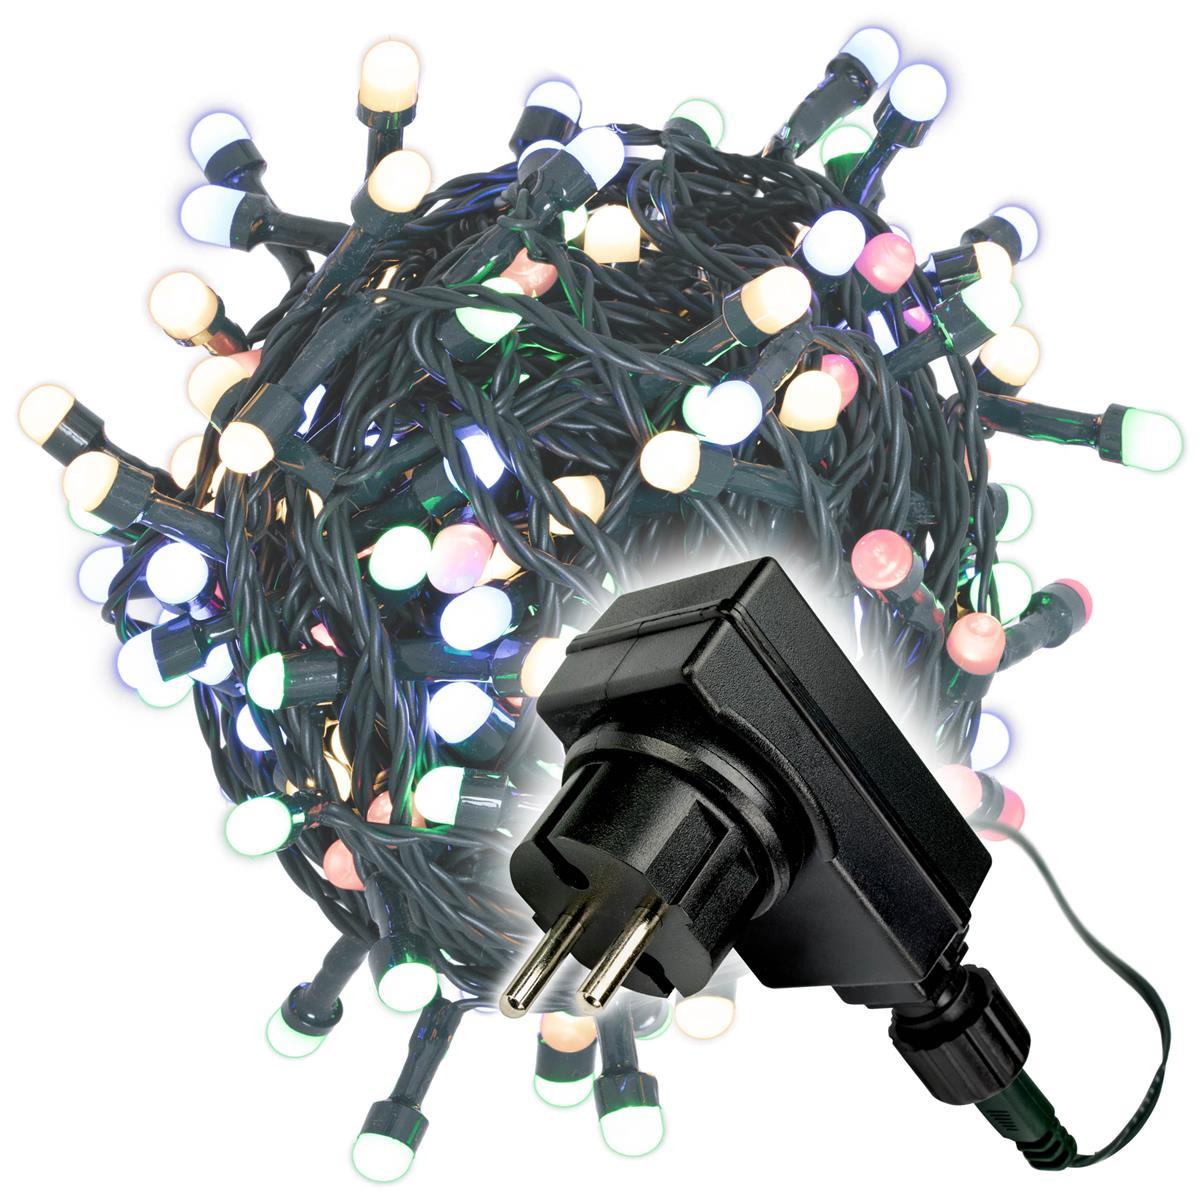 200er Maxi LED Lichterkette bunt außen Party Deko Trafo grünes Kabel 30m